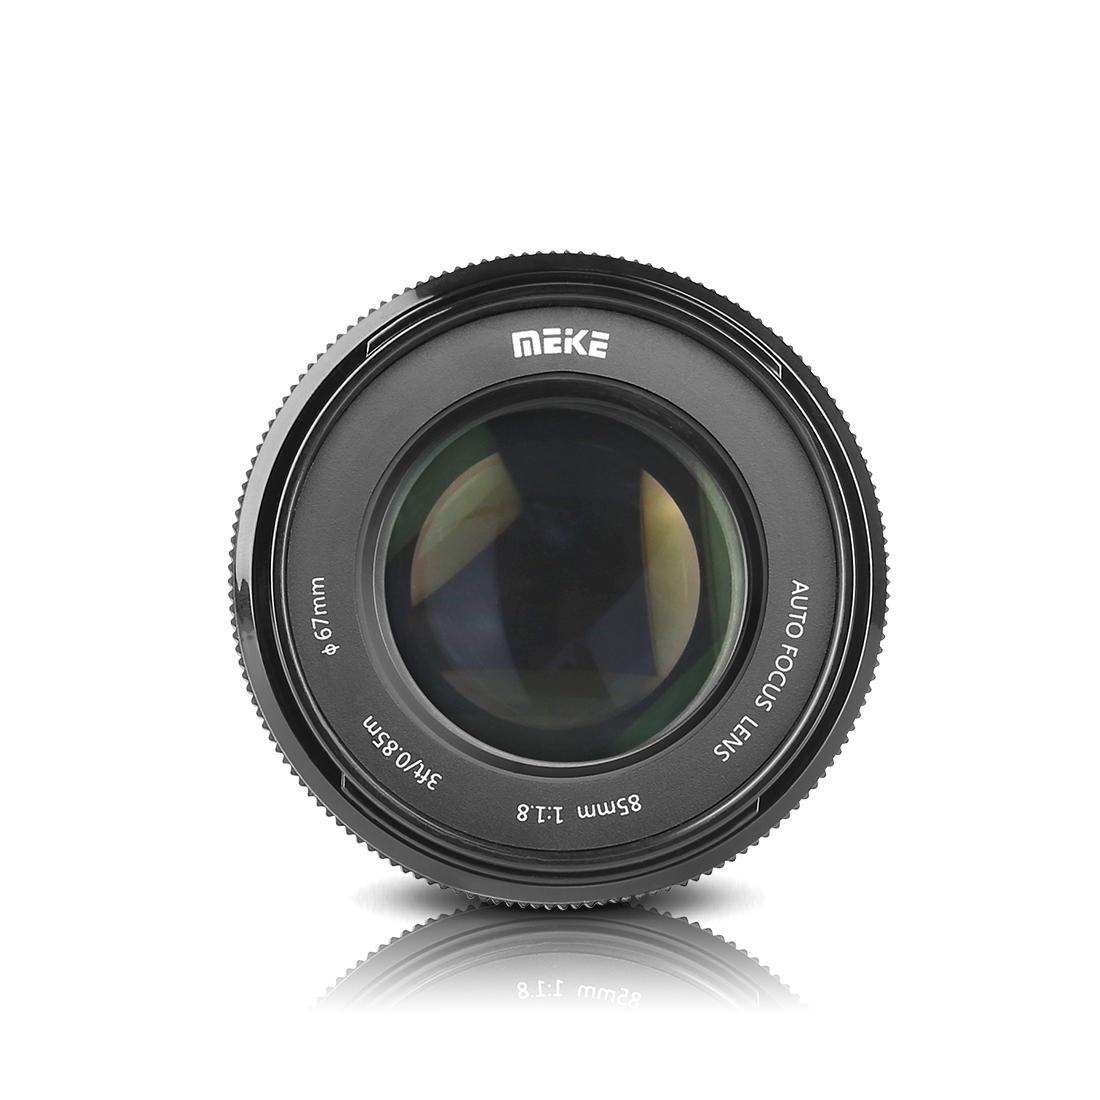 Объектив Meike MK 85mm f/1.8 AF, вид спереди